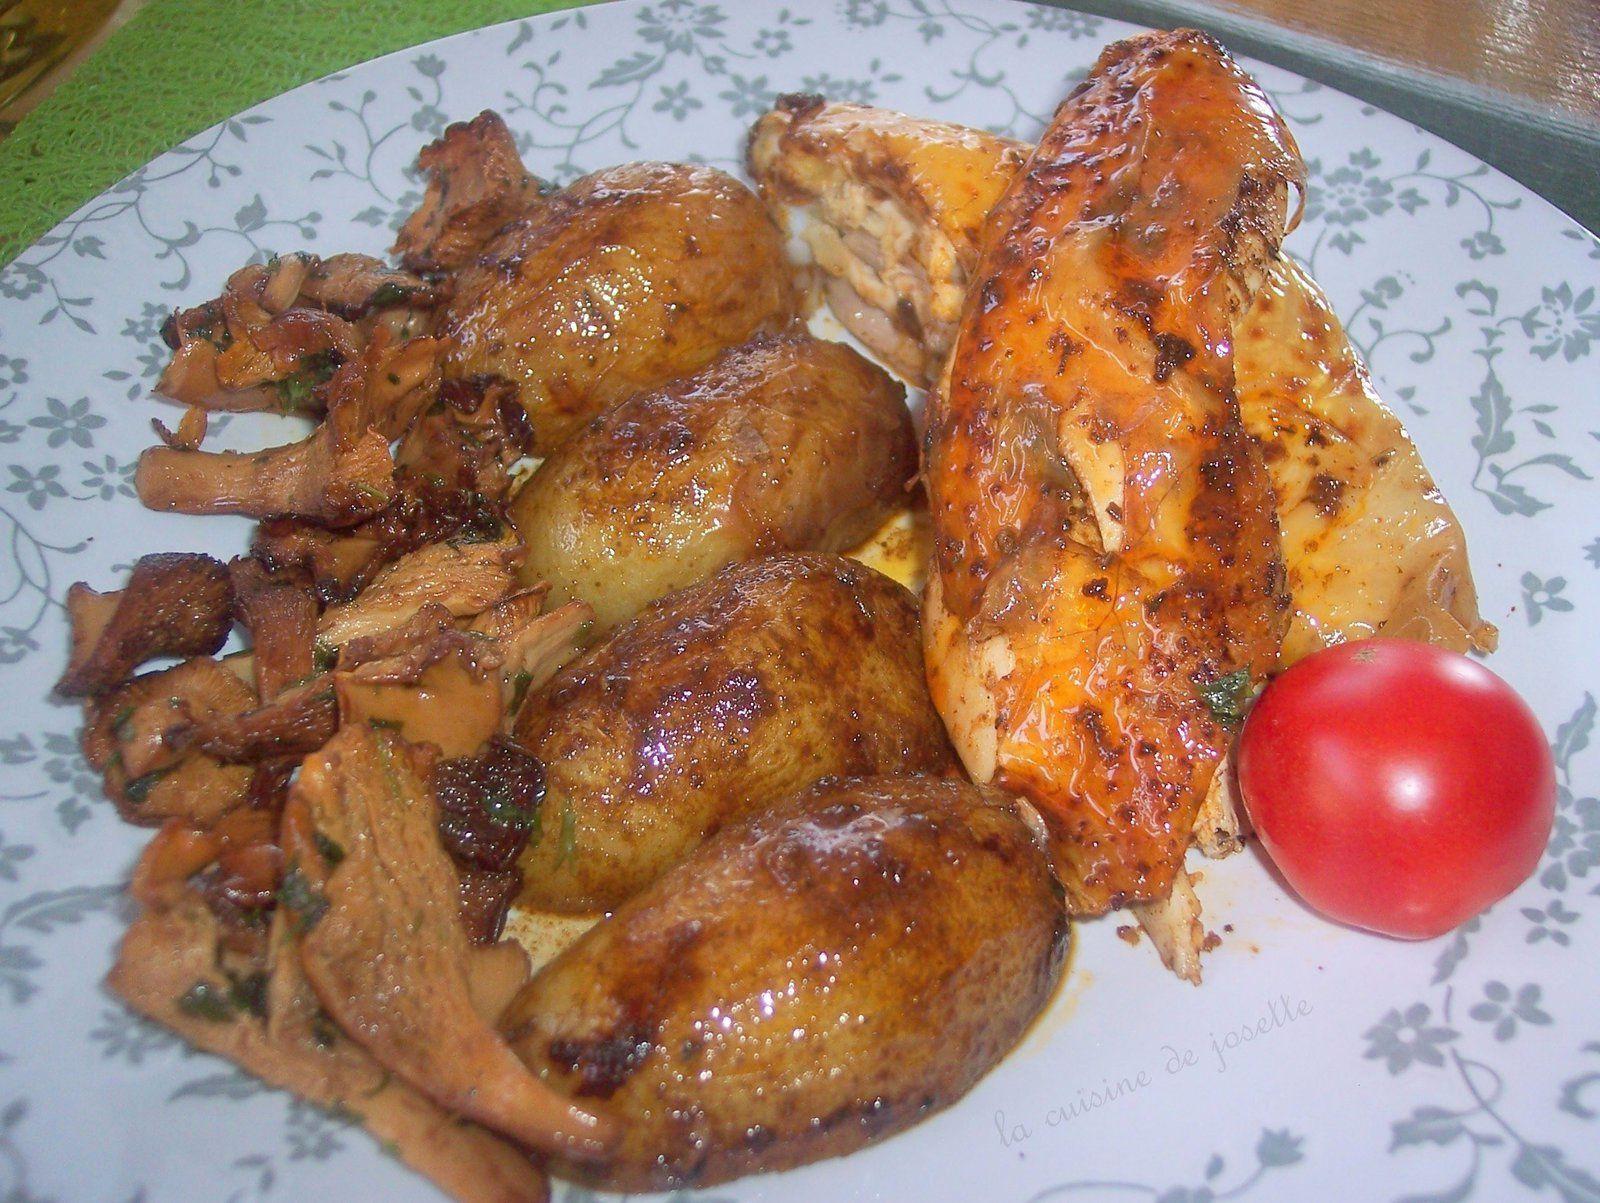 poulet mariné et roti aux pommes de terre la prime breizh